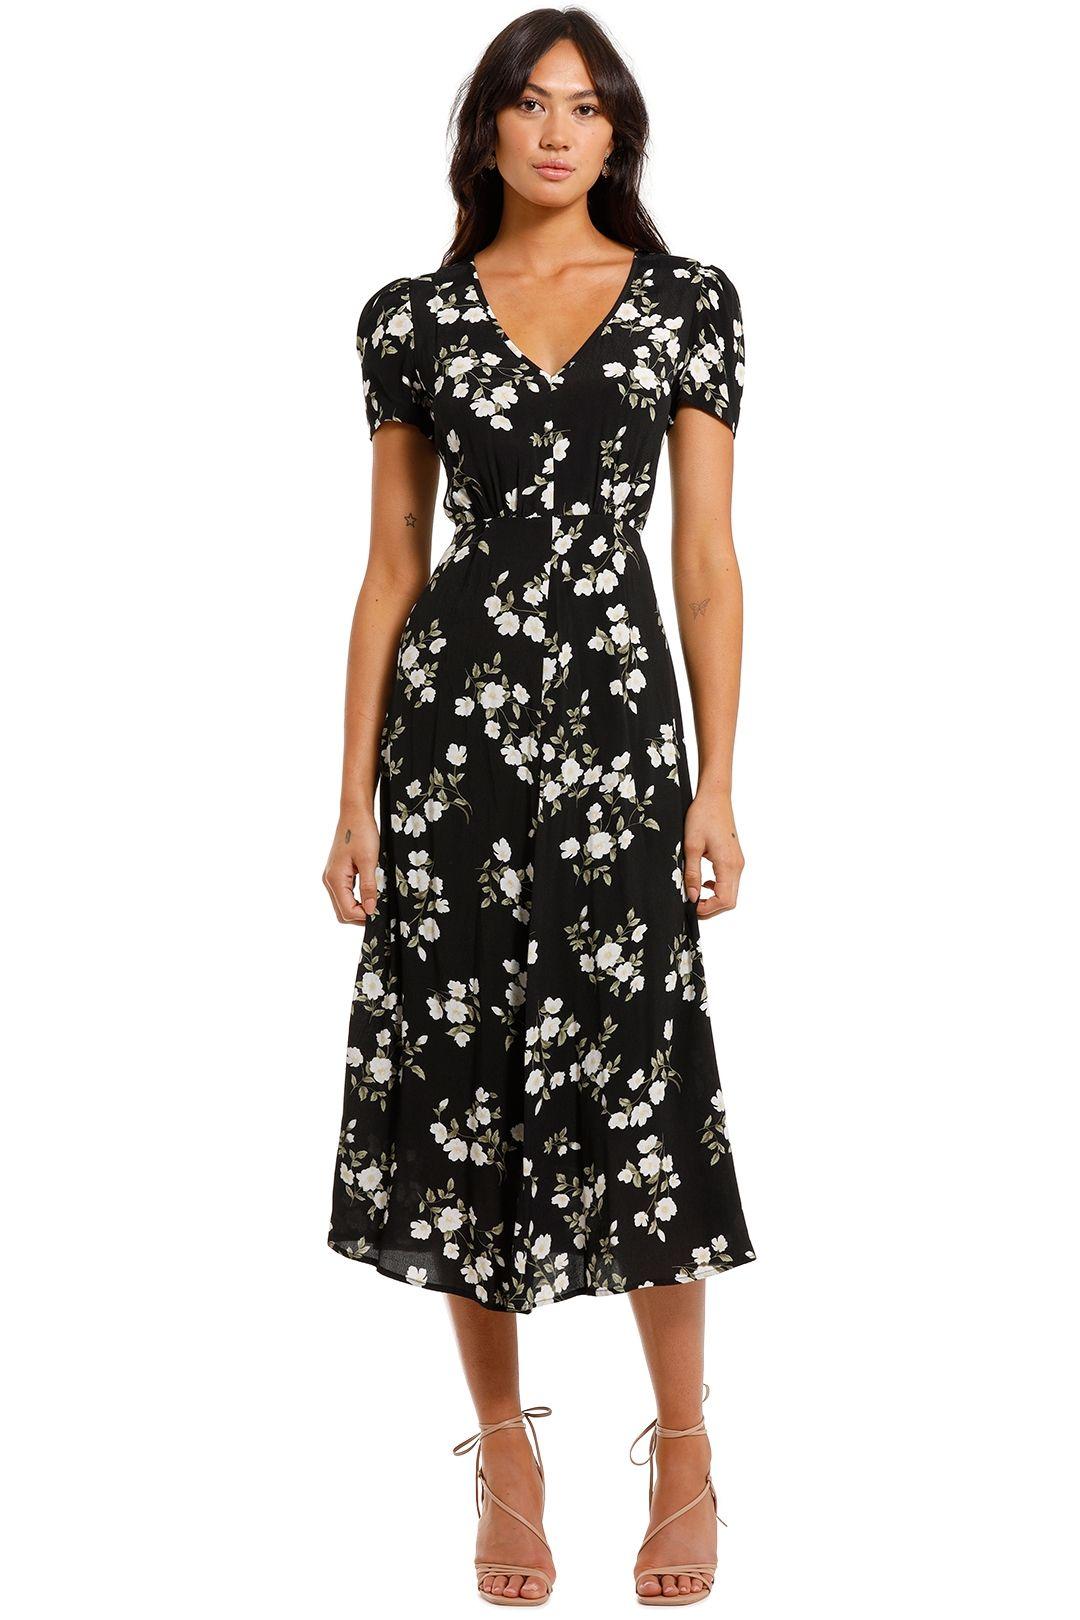 Kate Sylvester Summer Floral Dress